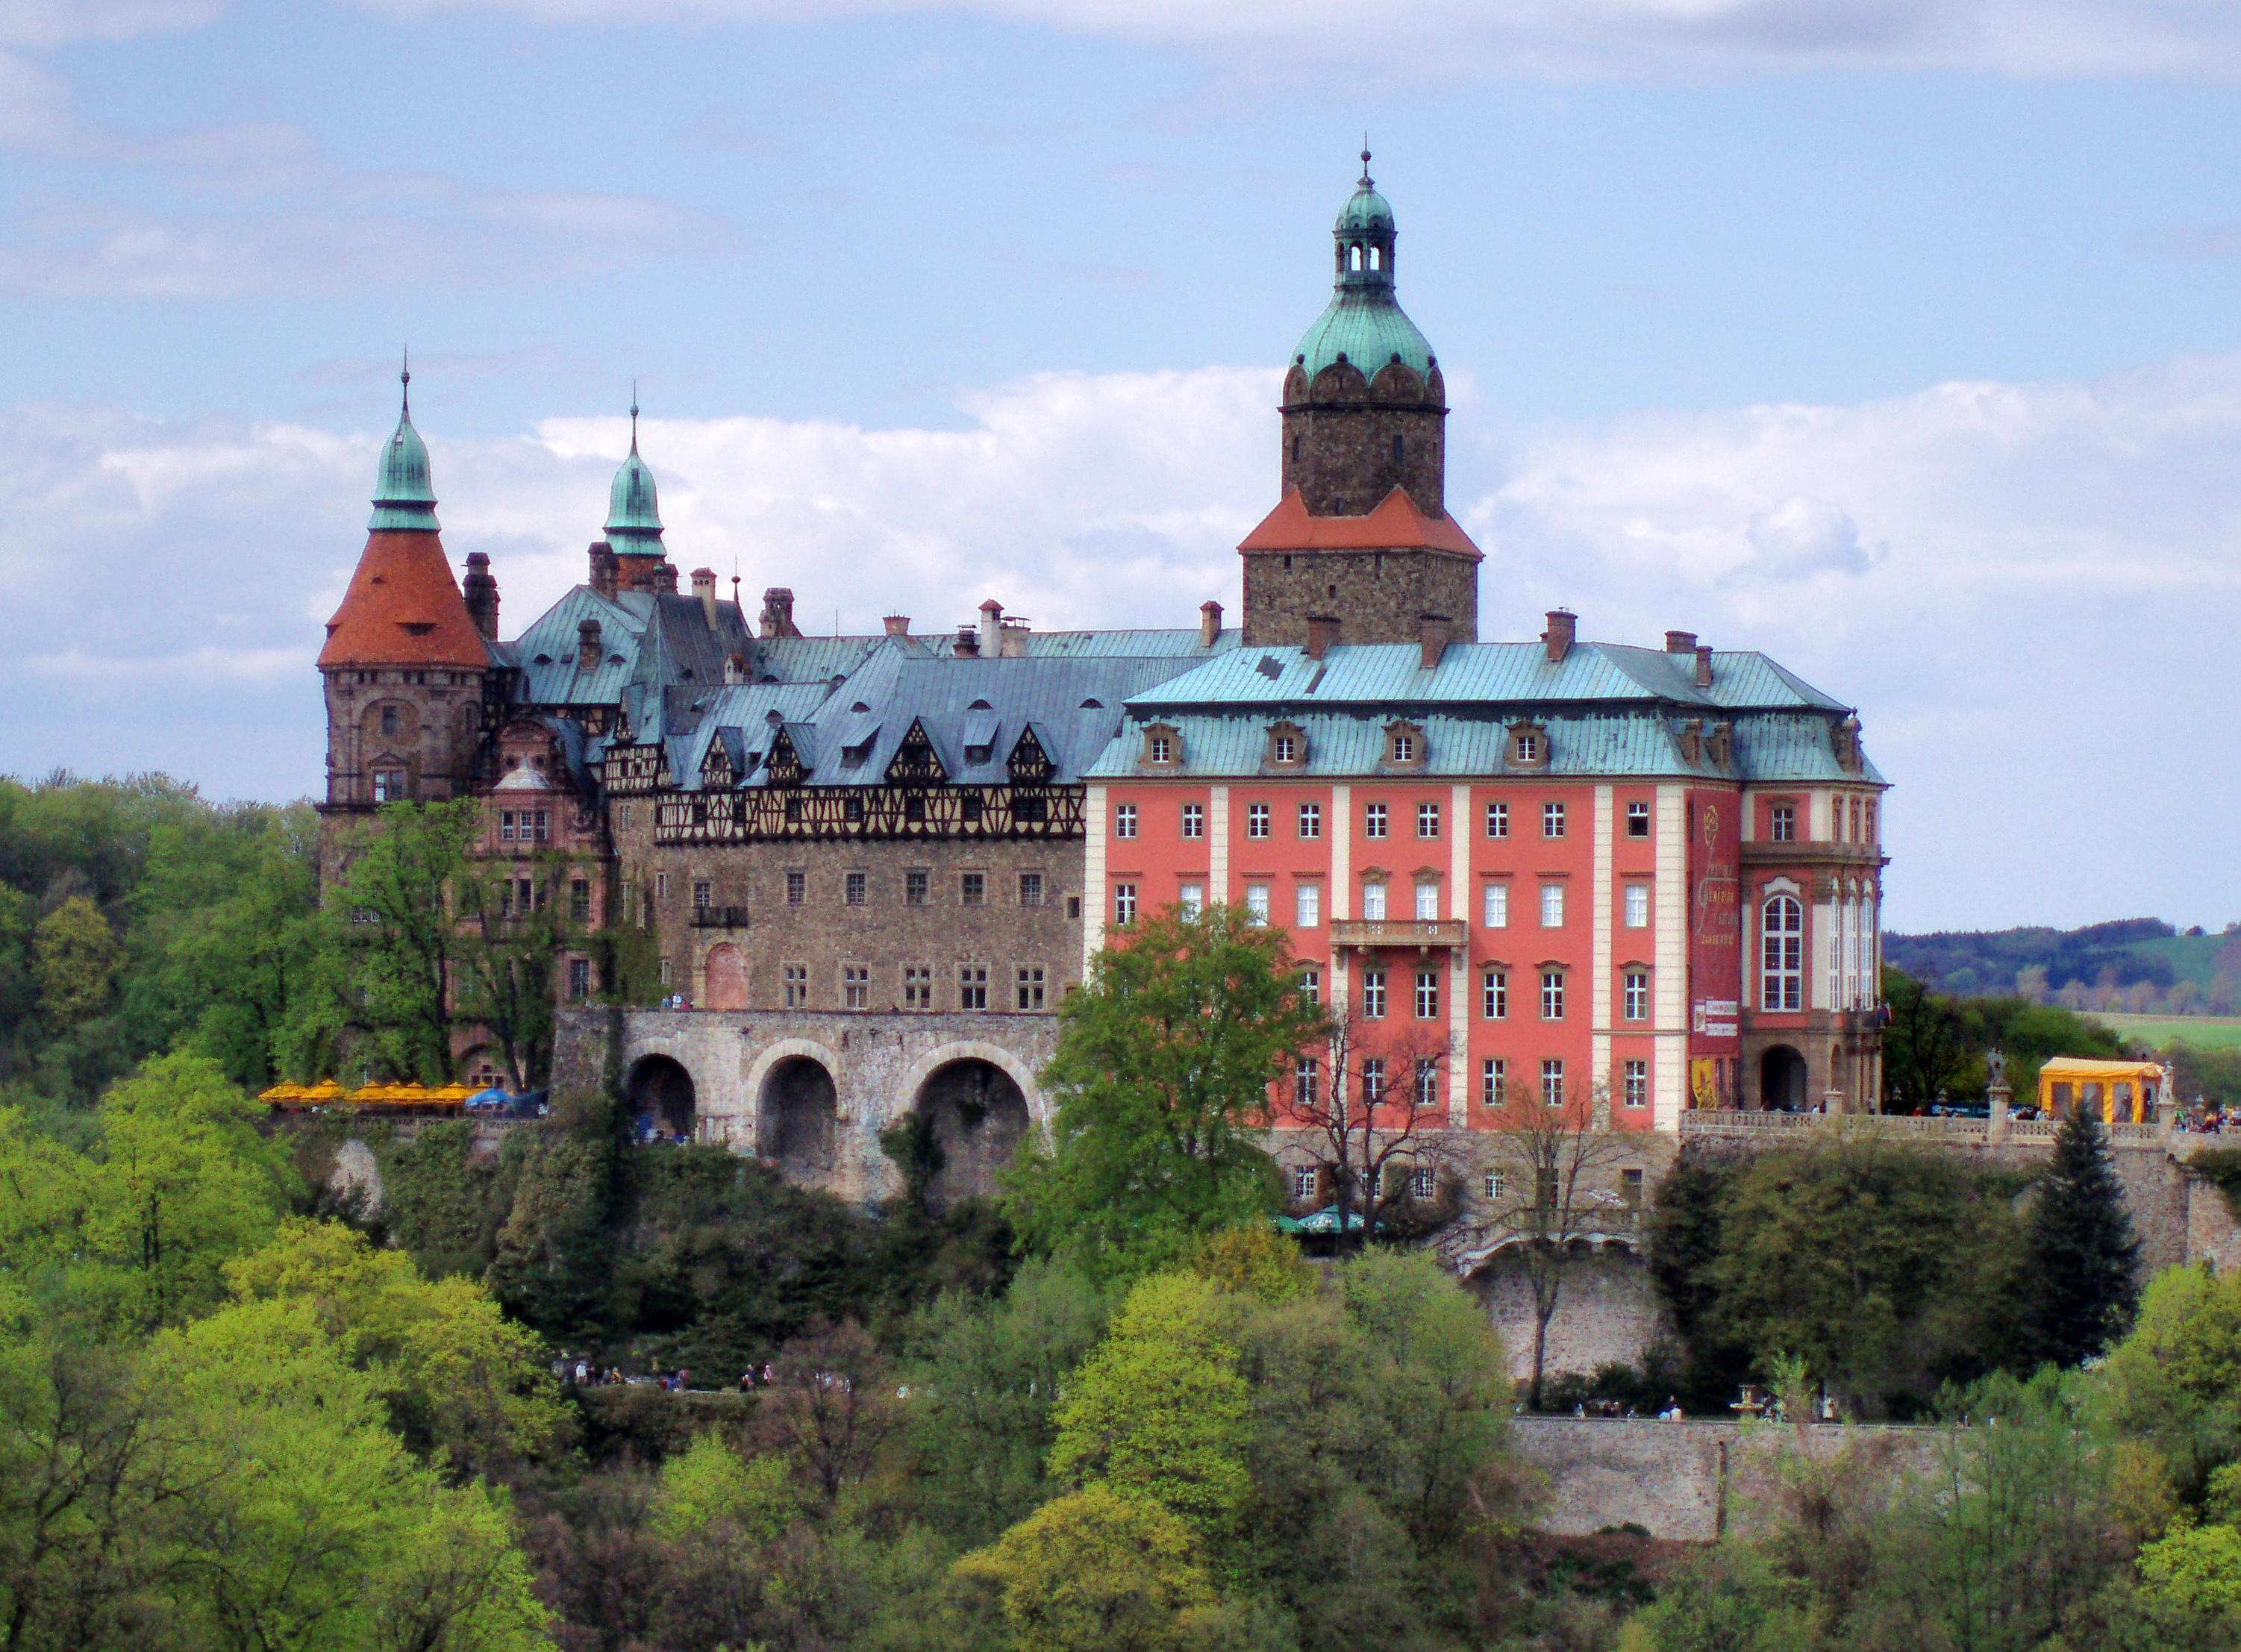 10 серпня у Вроцлаві розпочнеться Фестиваль таємниць у замку Ксенж